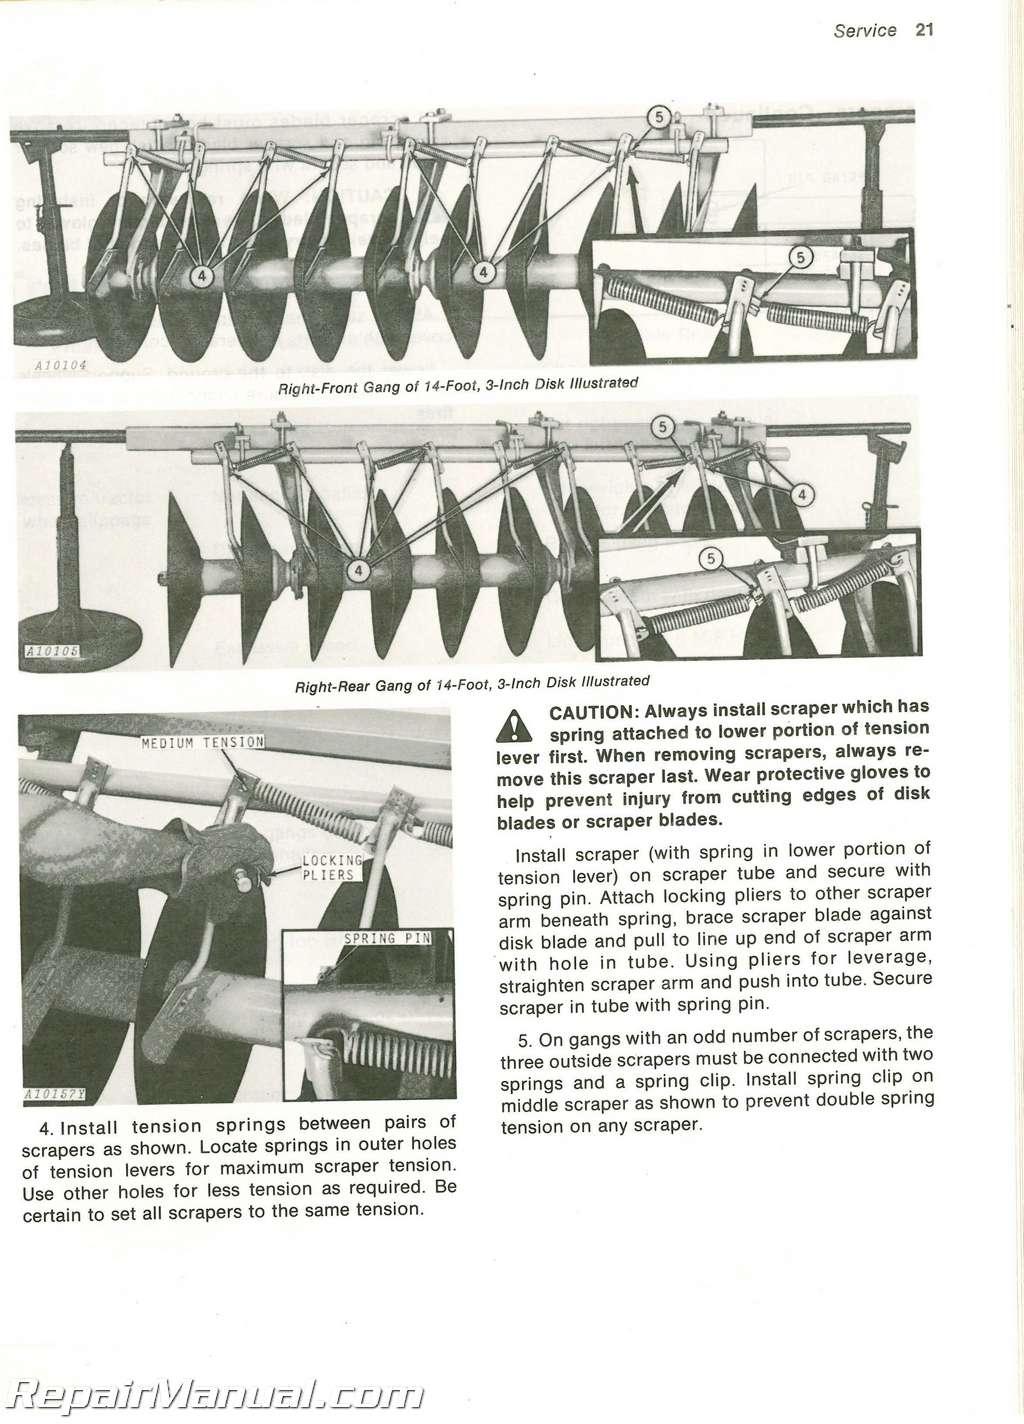 Used John Deere 310 Disk Operators Manual